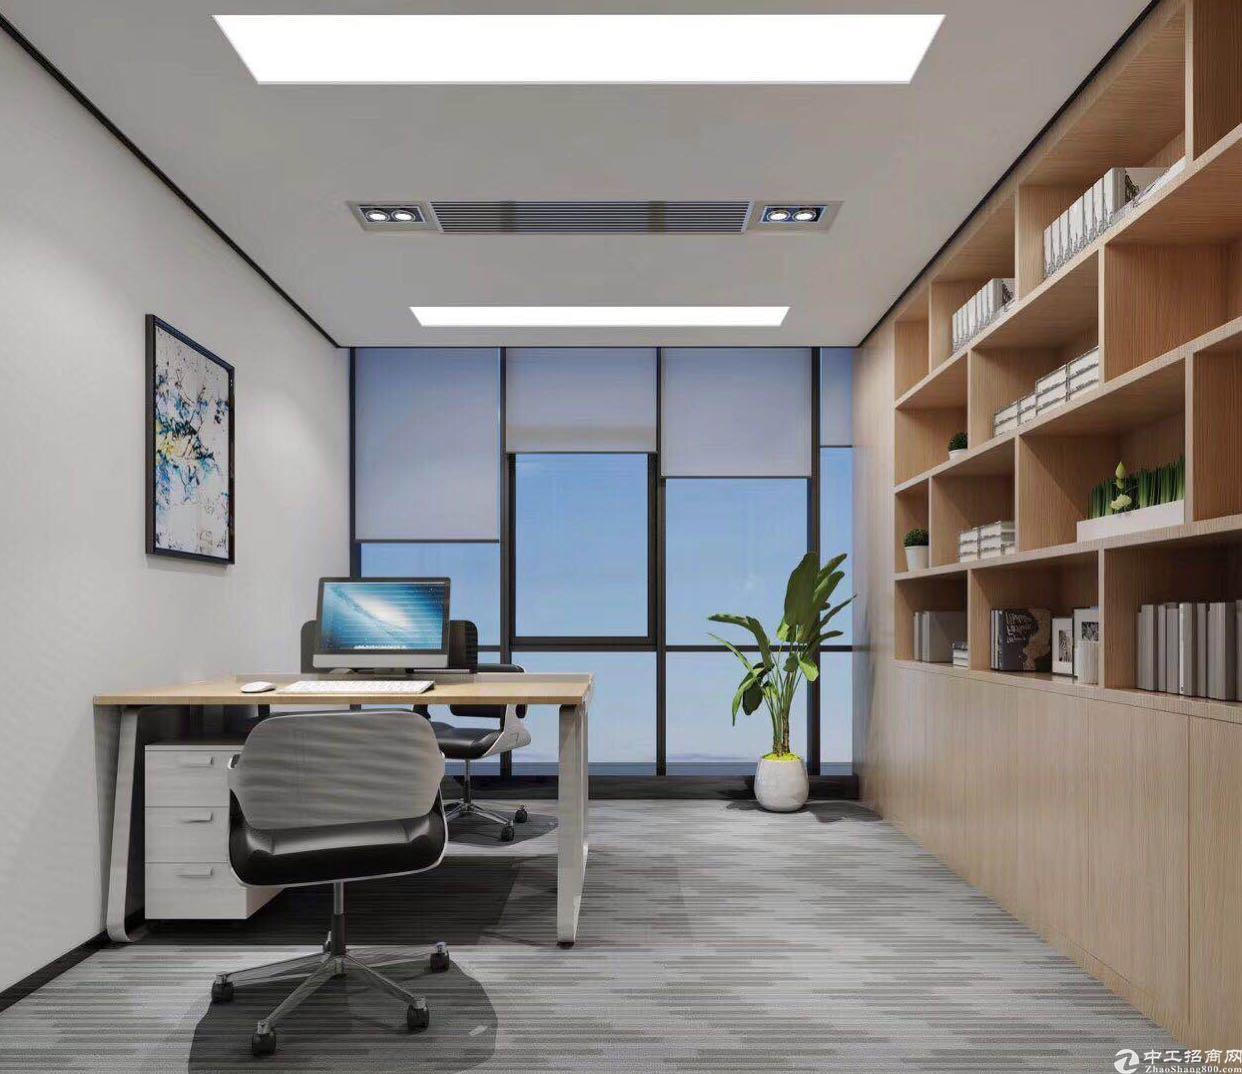 南城浙商大厦写字楼招租,可按提供的装修风格装修